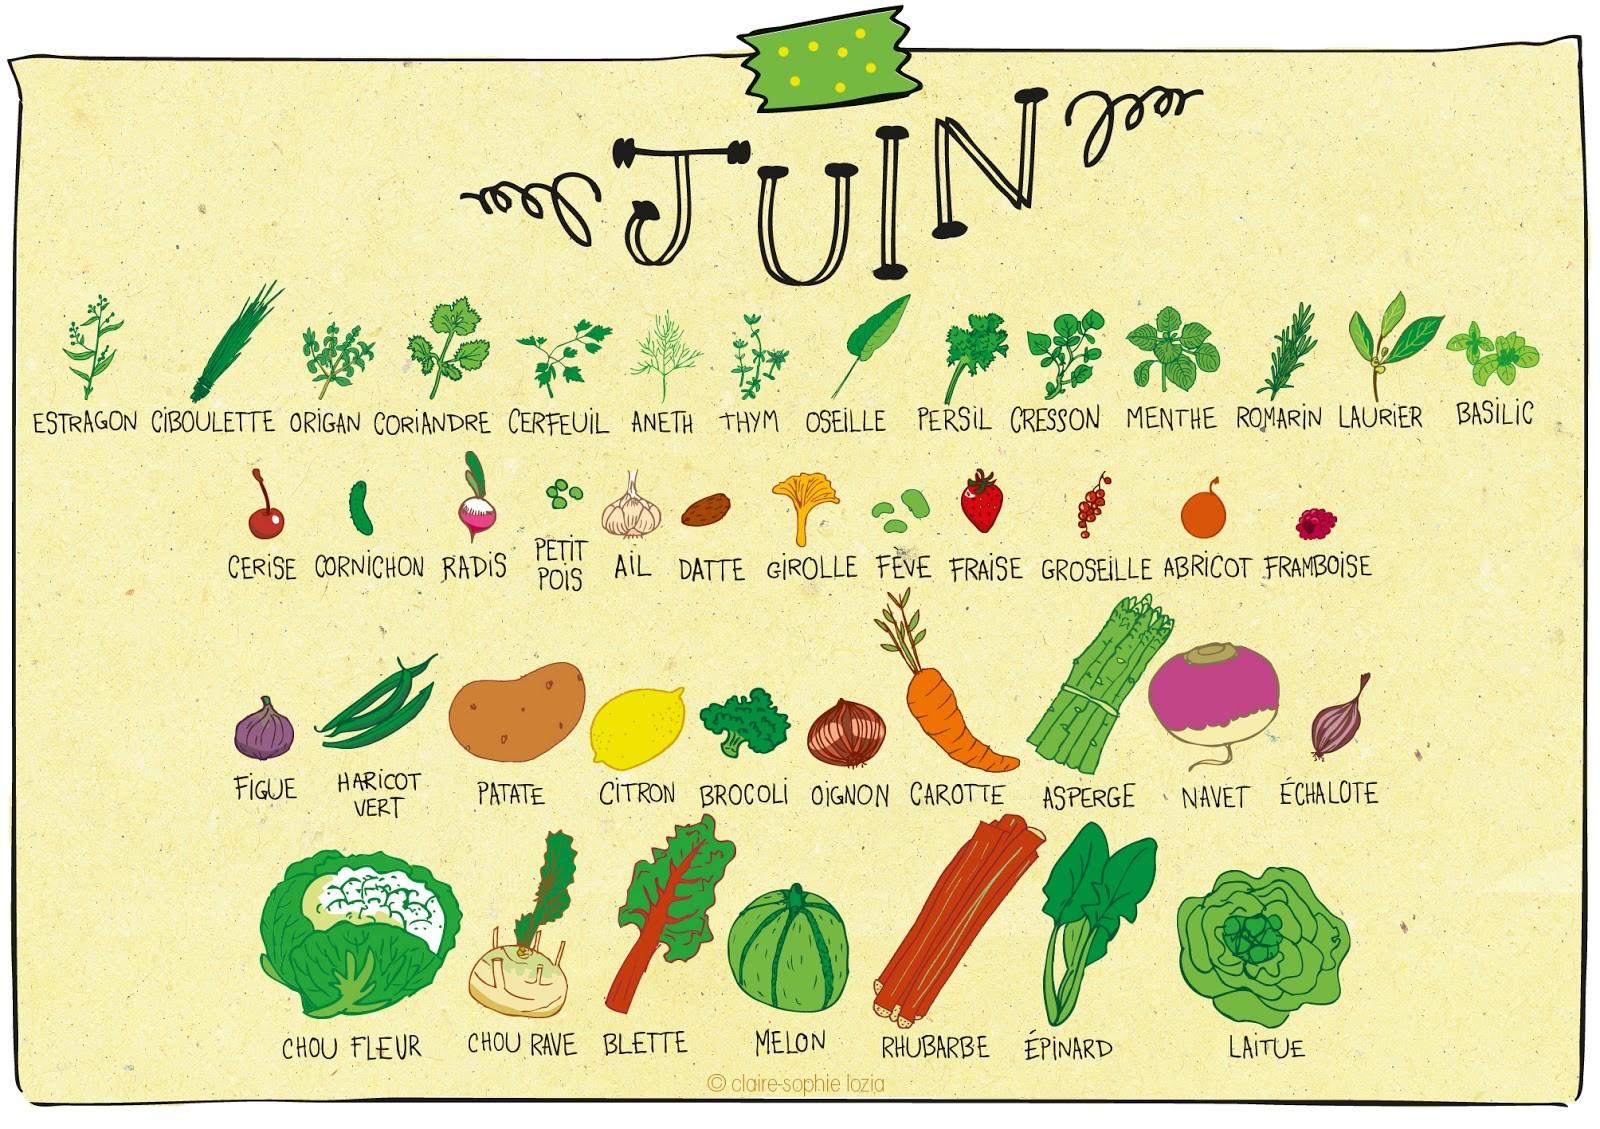 Les fruits & légumes de saison du mois de Juin